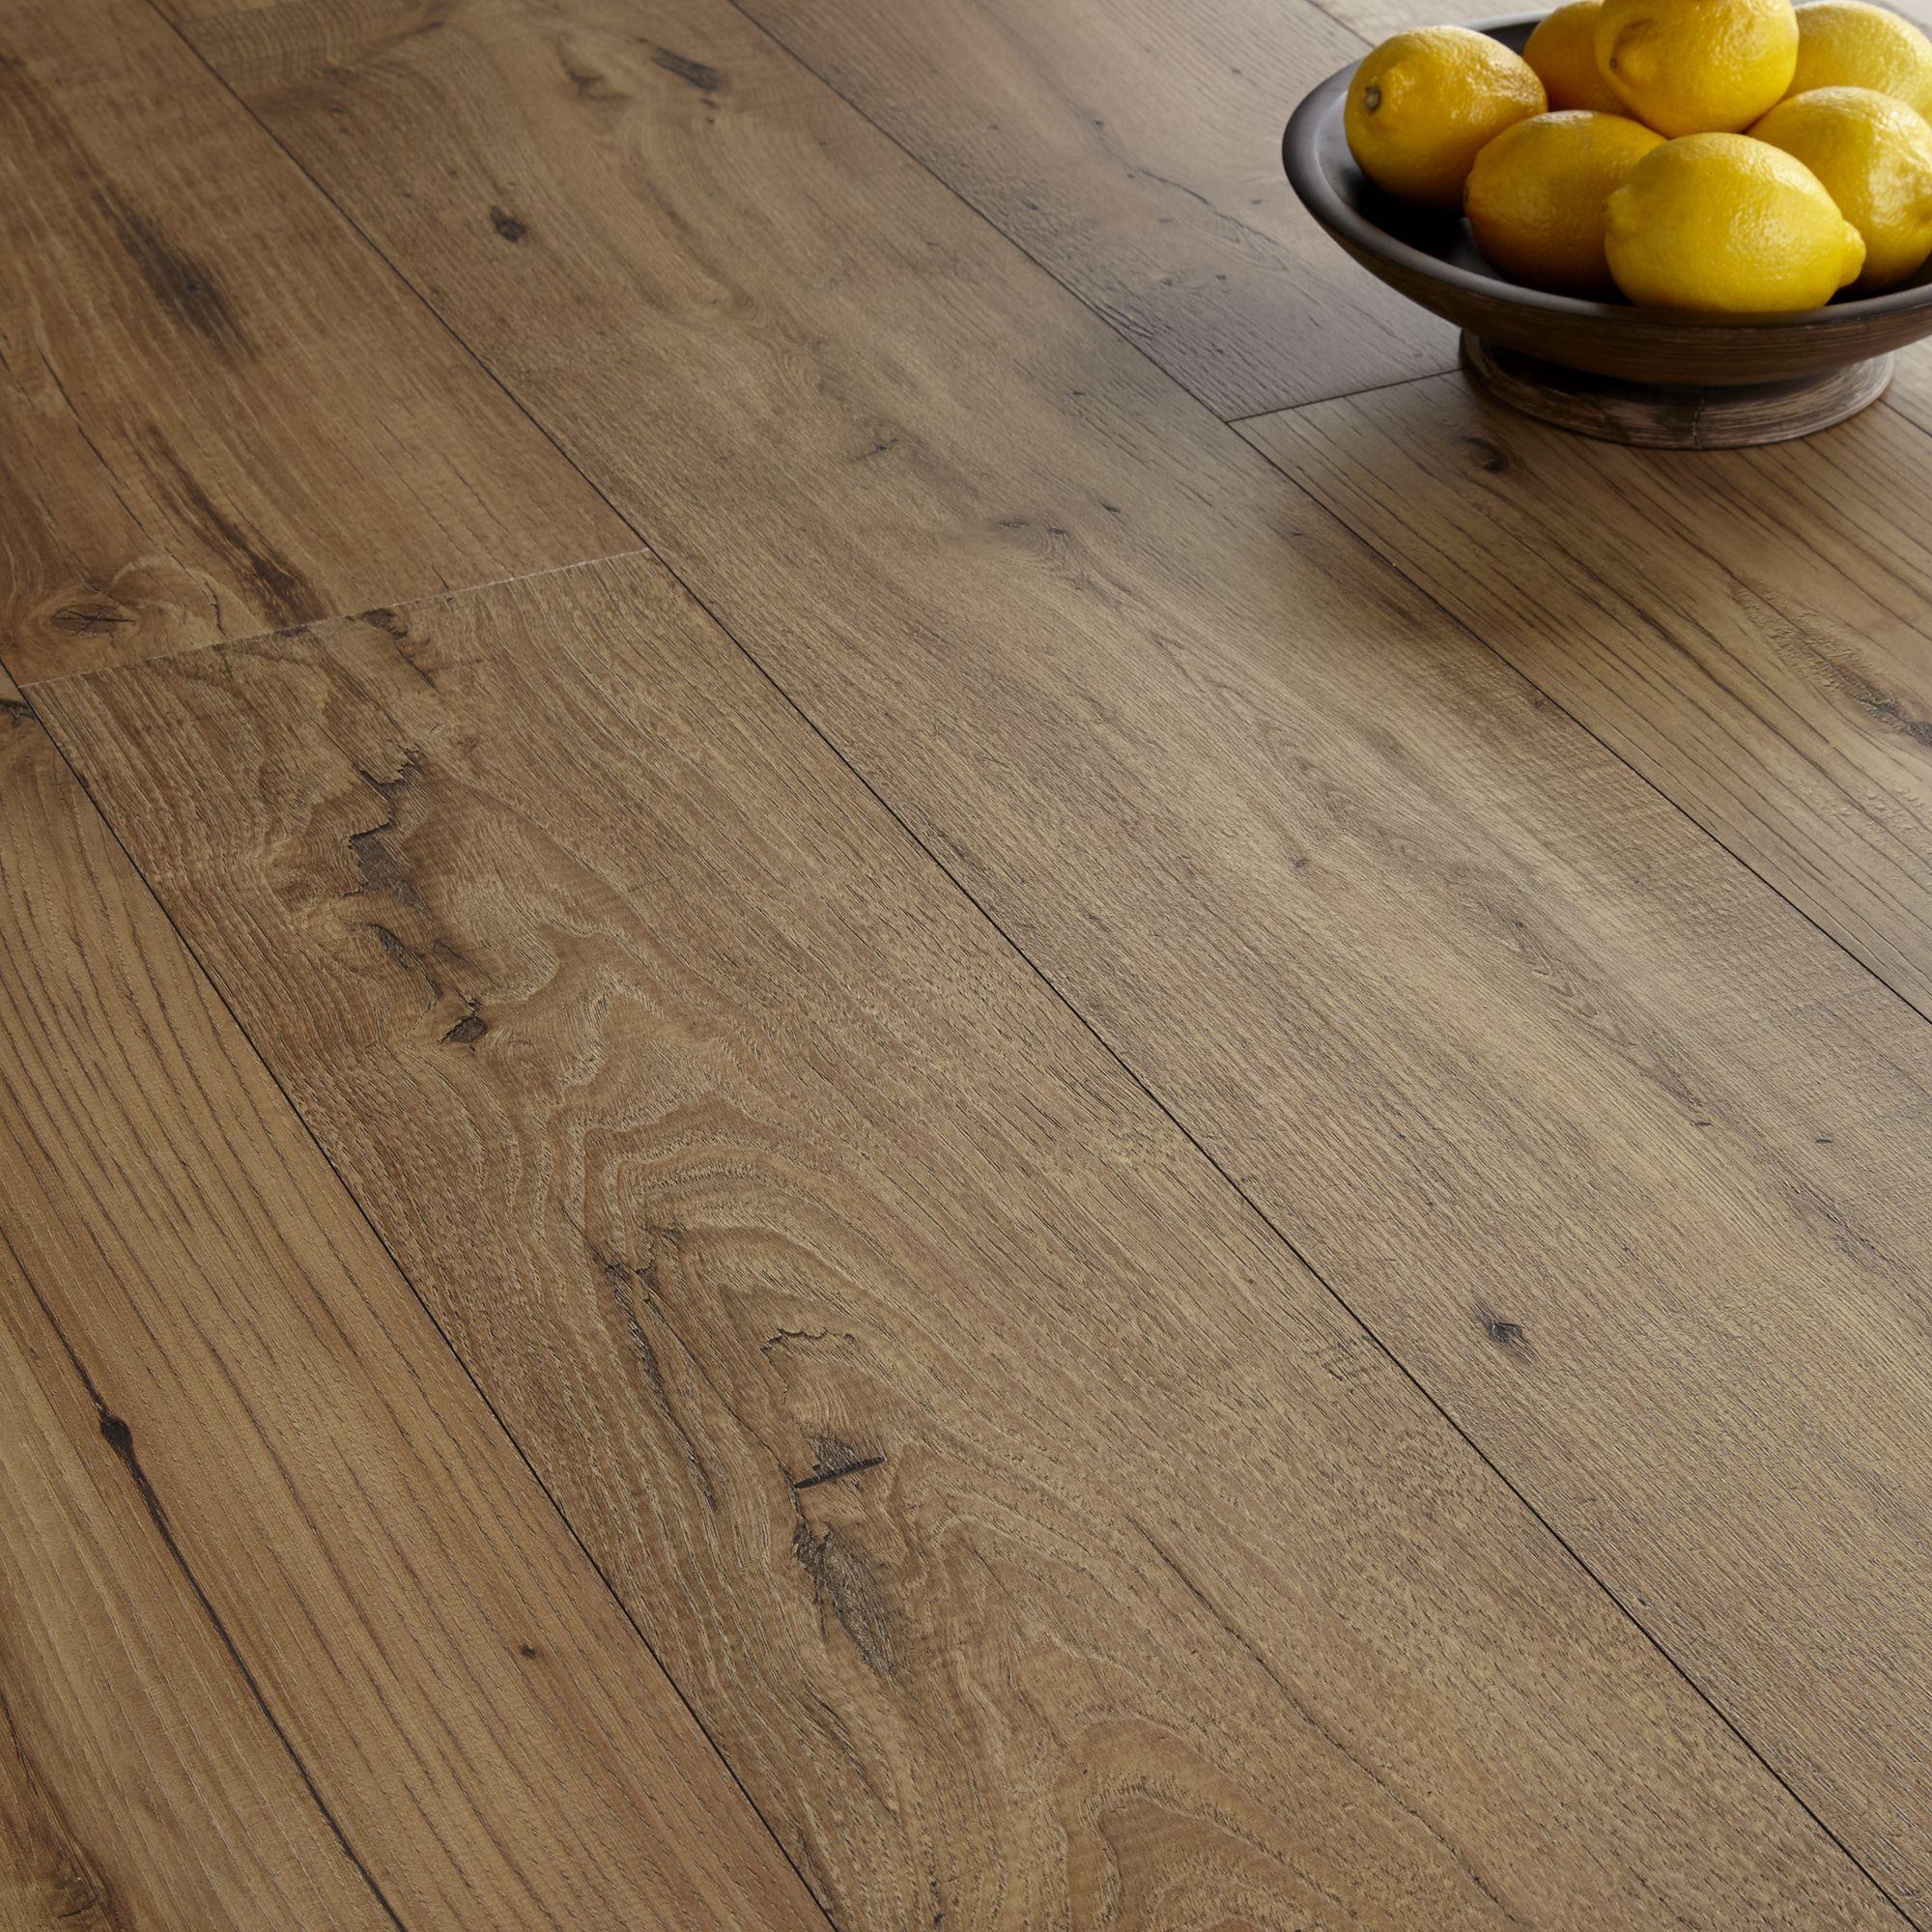 Espressivo Natural Chestnut Effect Laminate Flooring